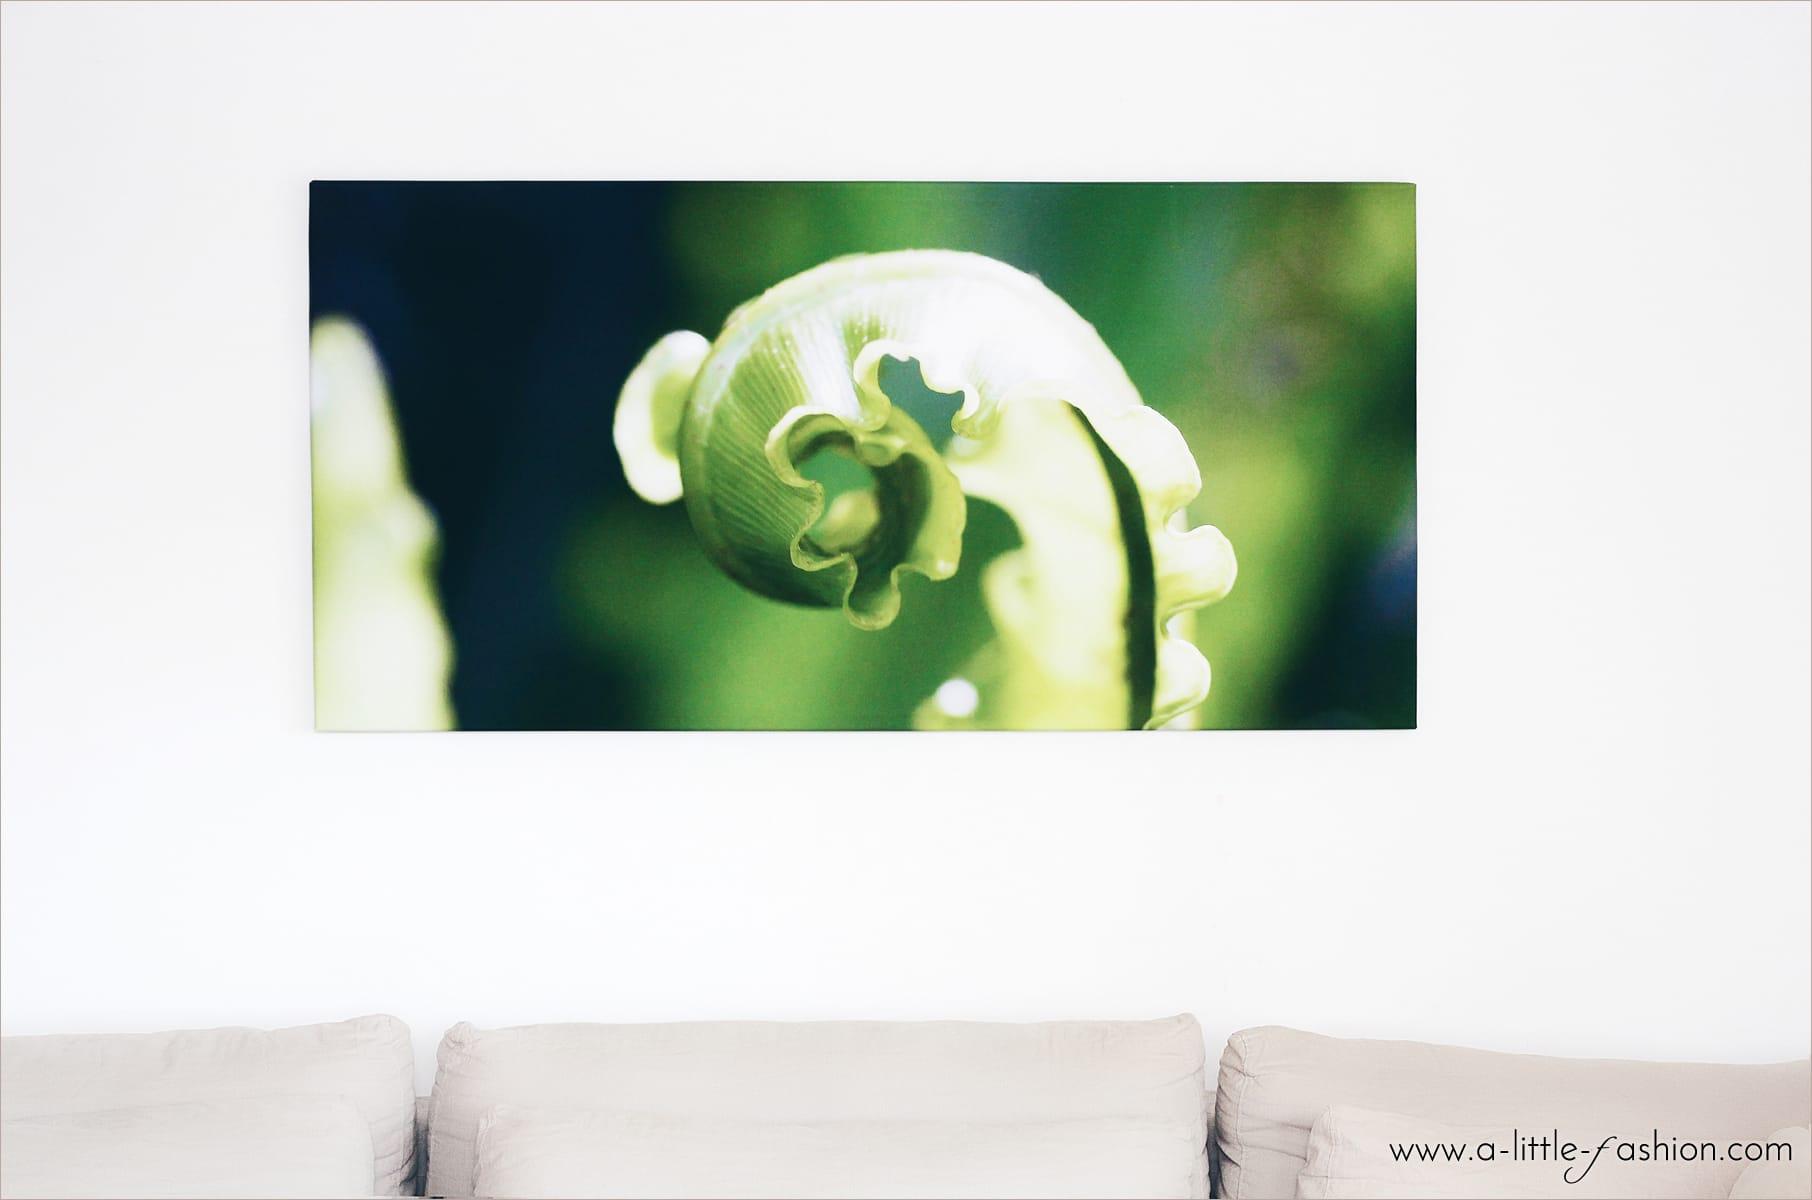 Kunstdruck auf Leinwand von Pixum